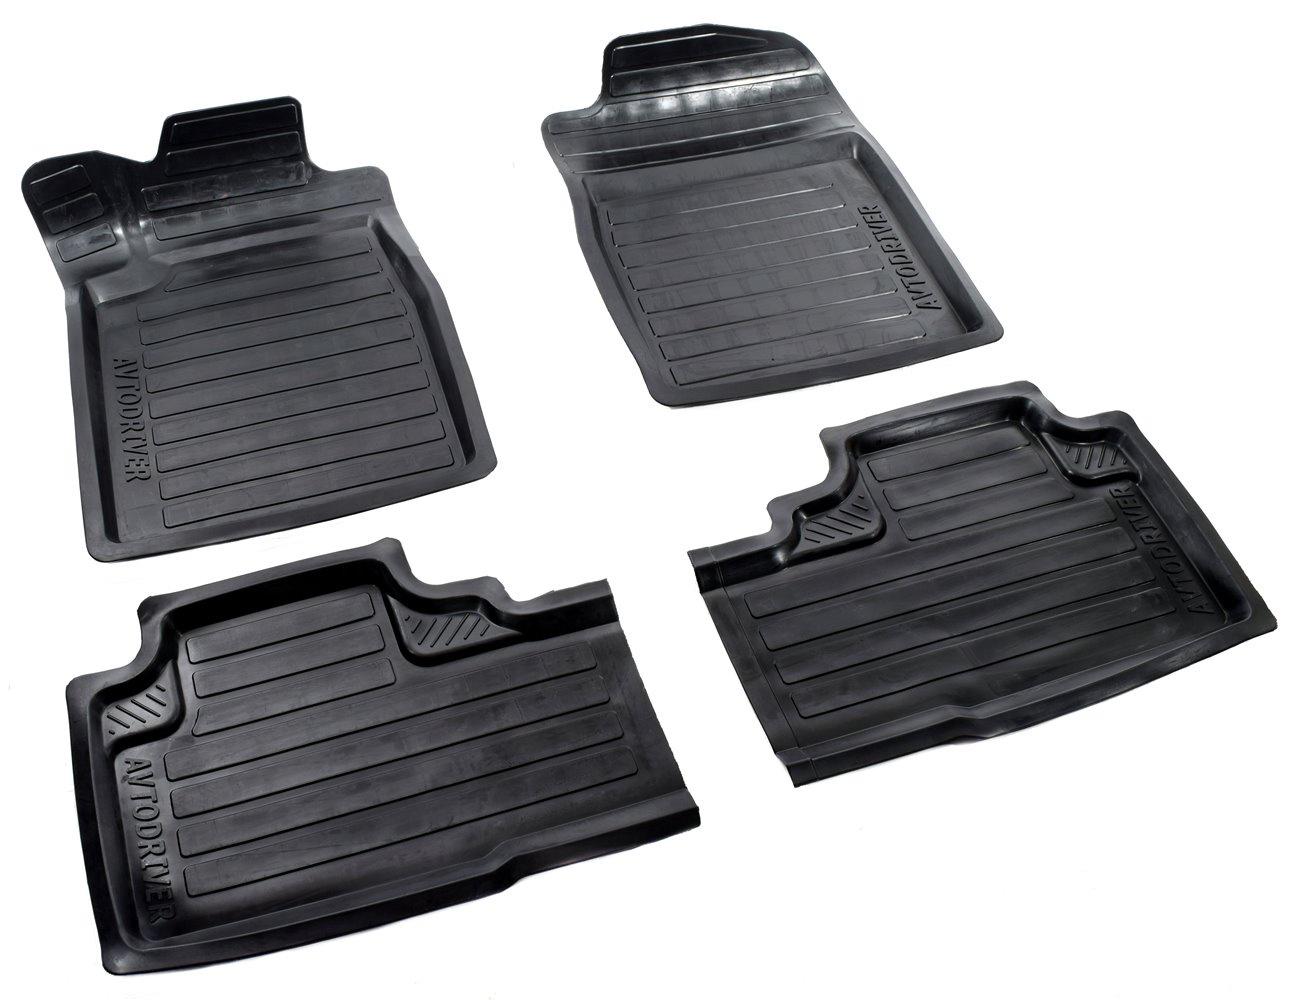 Коврики в салон автомобиля Avtodriver, для Honda CR-V, 2012-, ADRAVG141, резиновые, с бортиком, черный цена